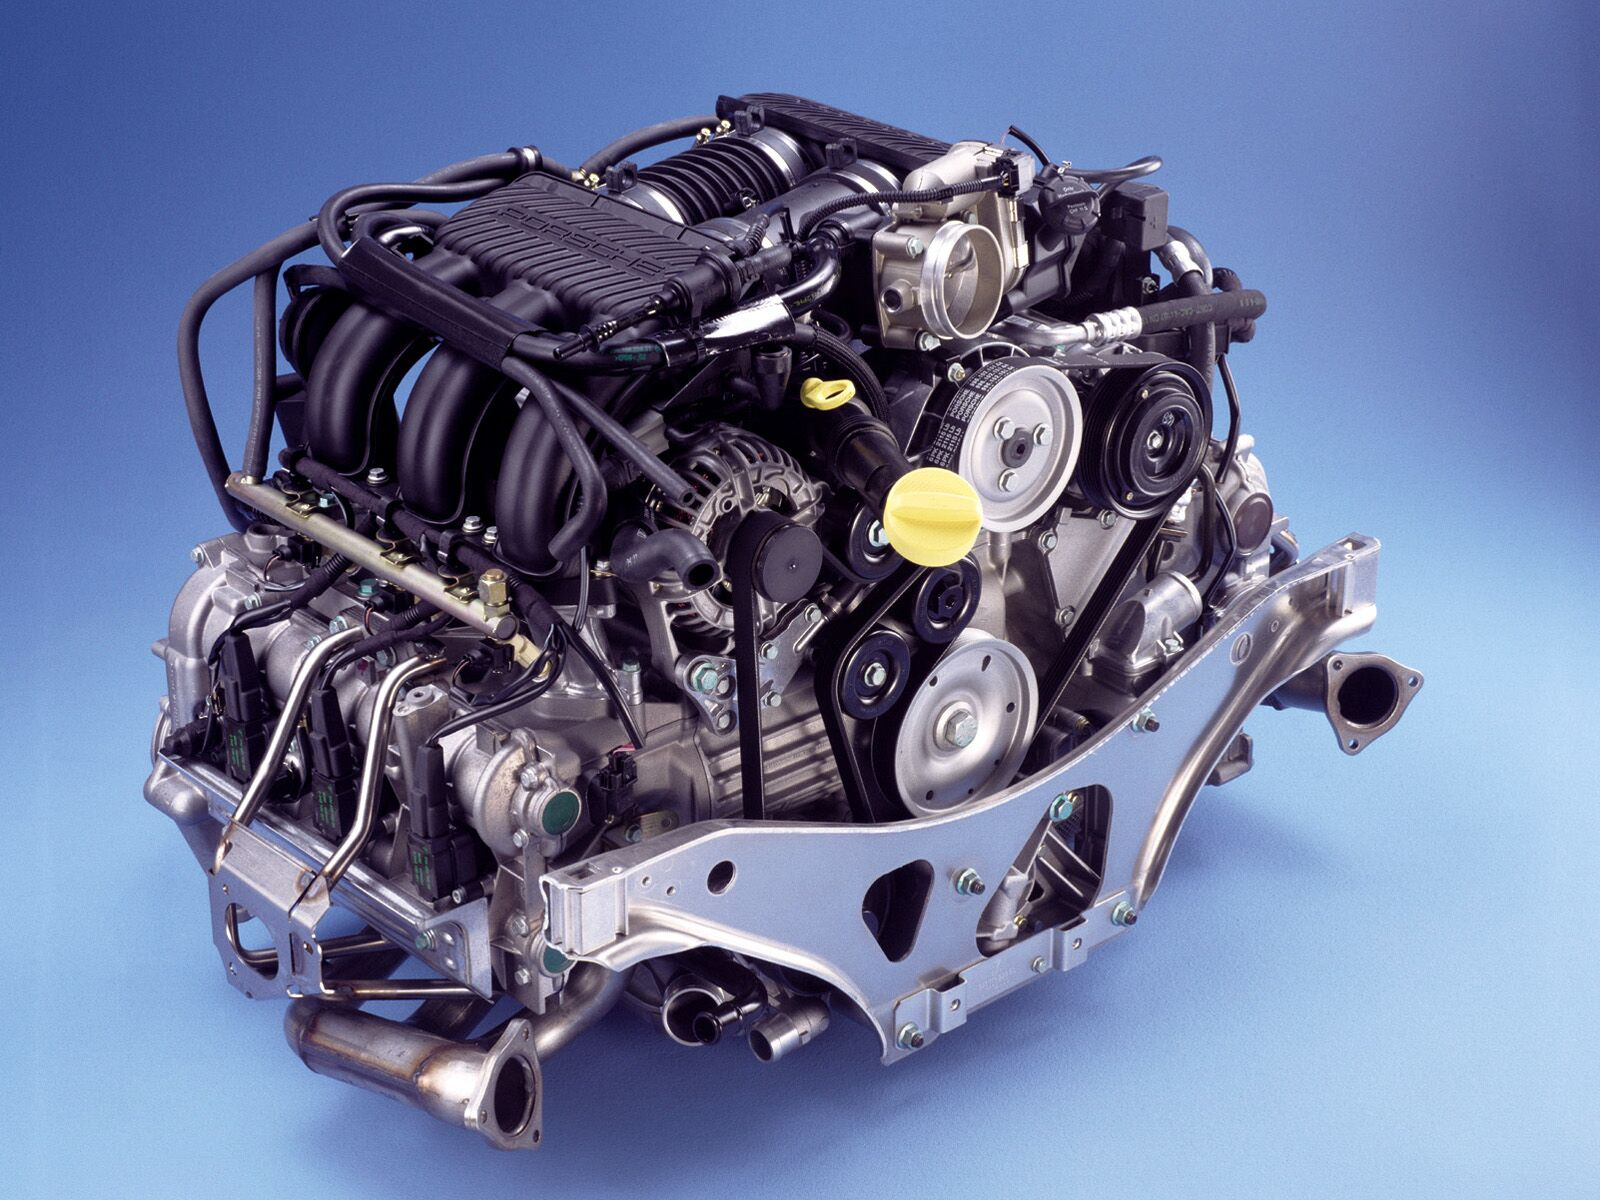 Porsche M96 Engine